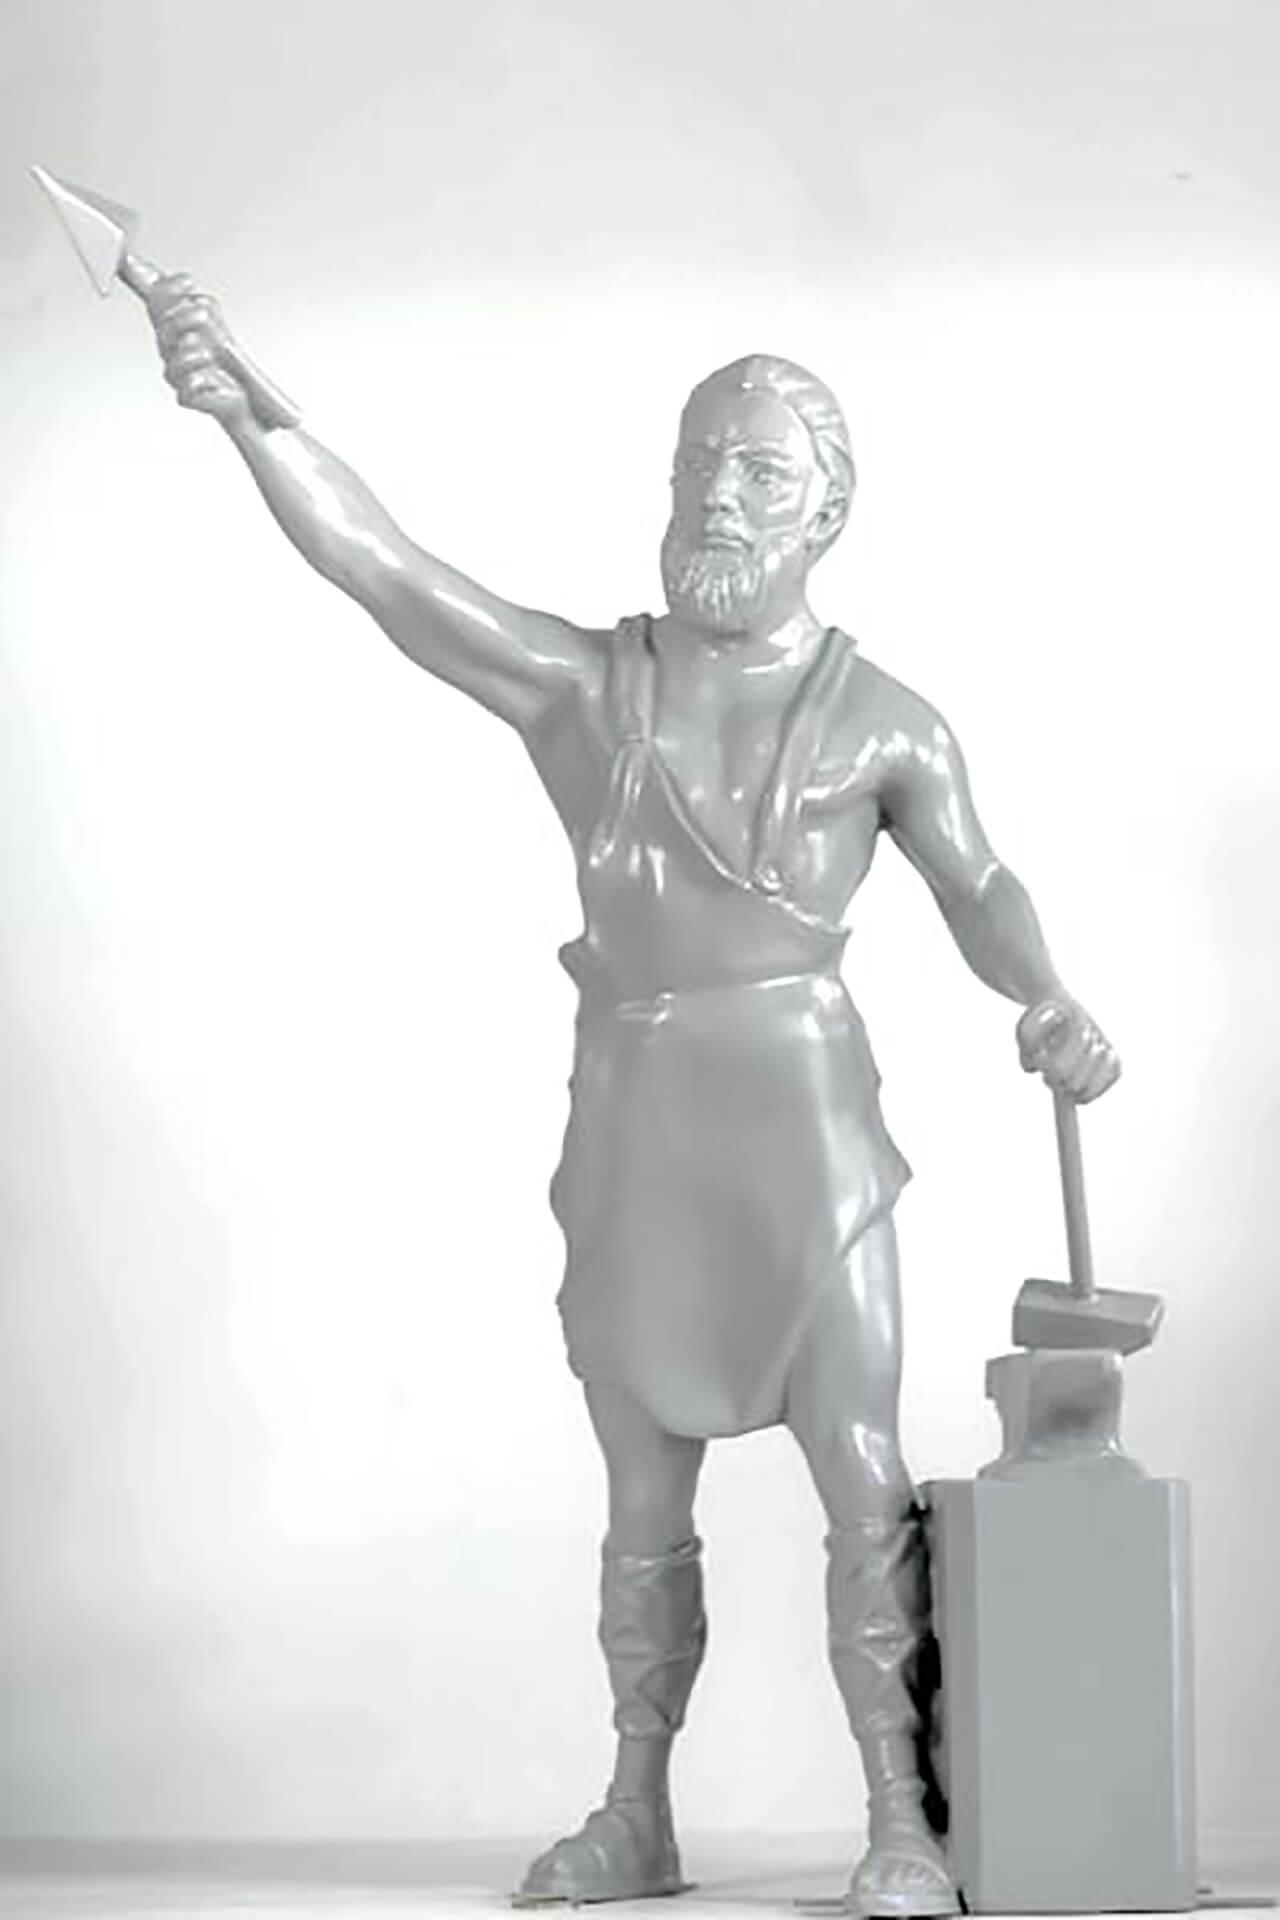 Vulcan_Statue